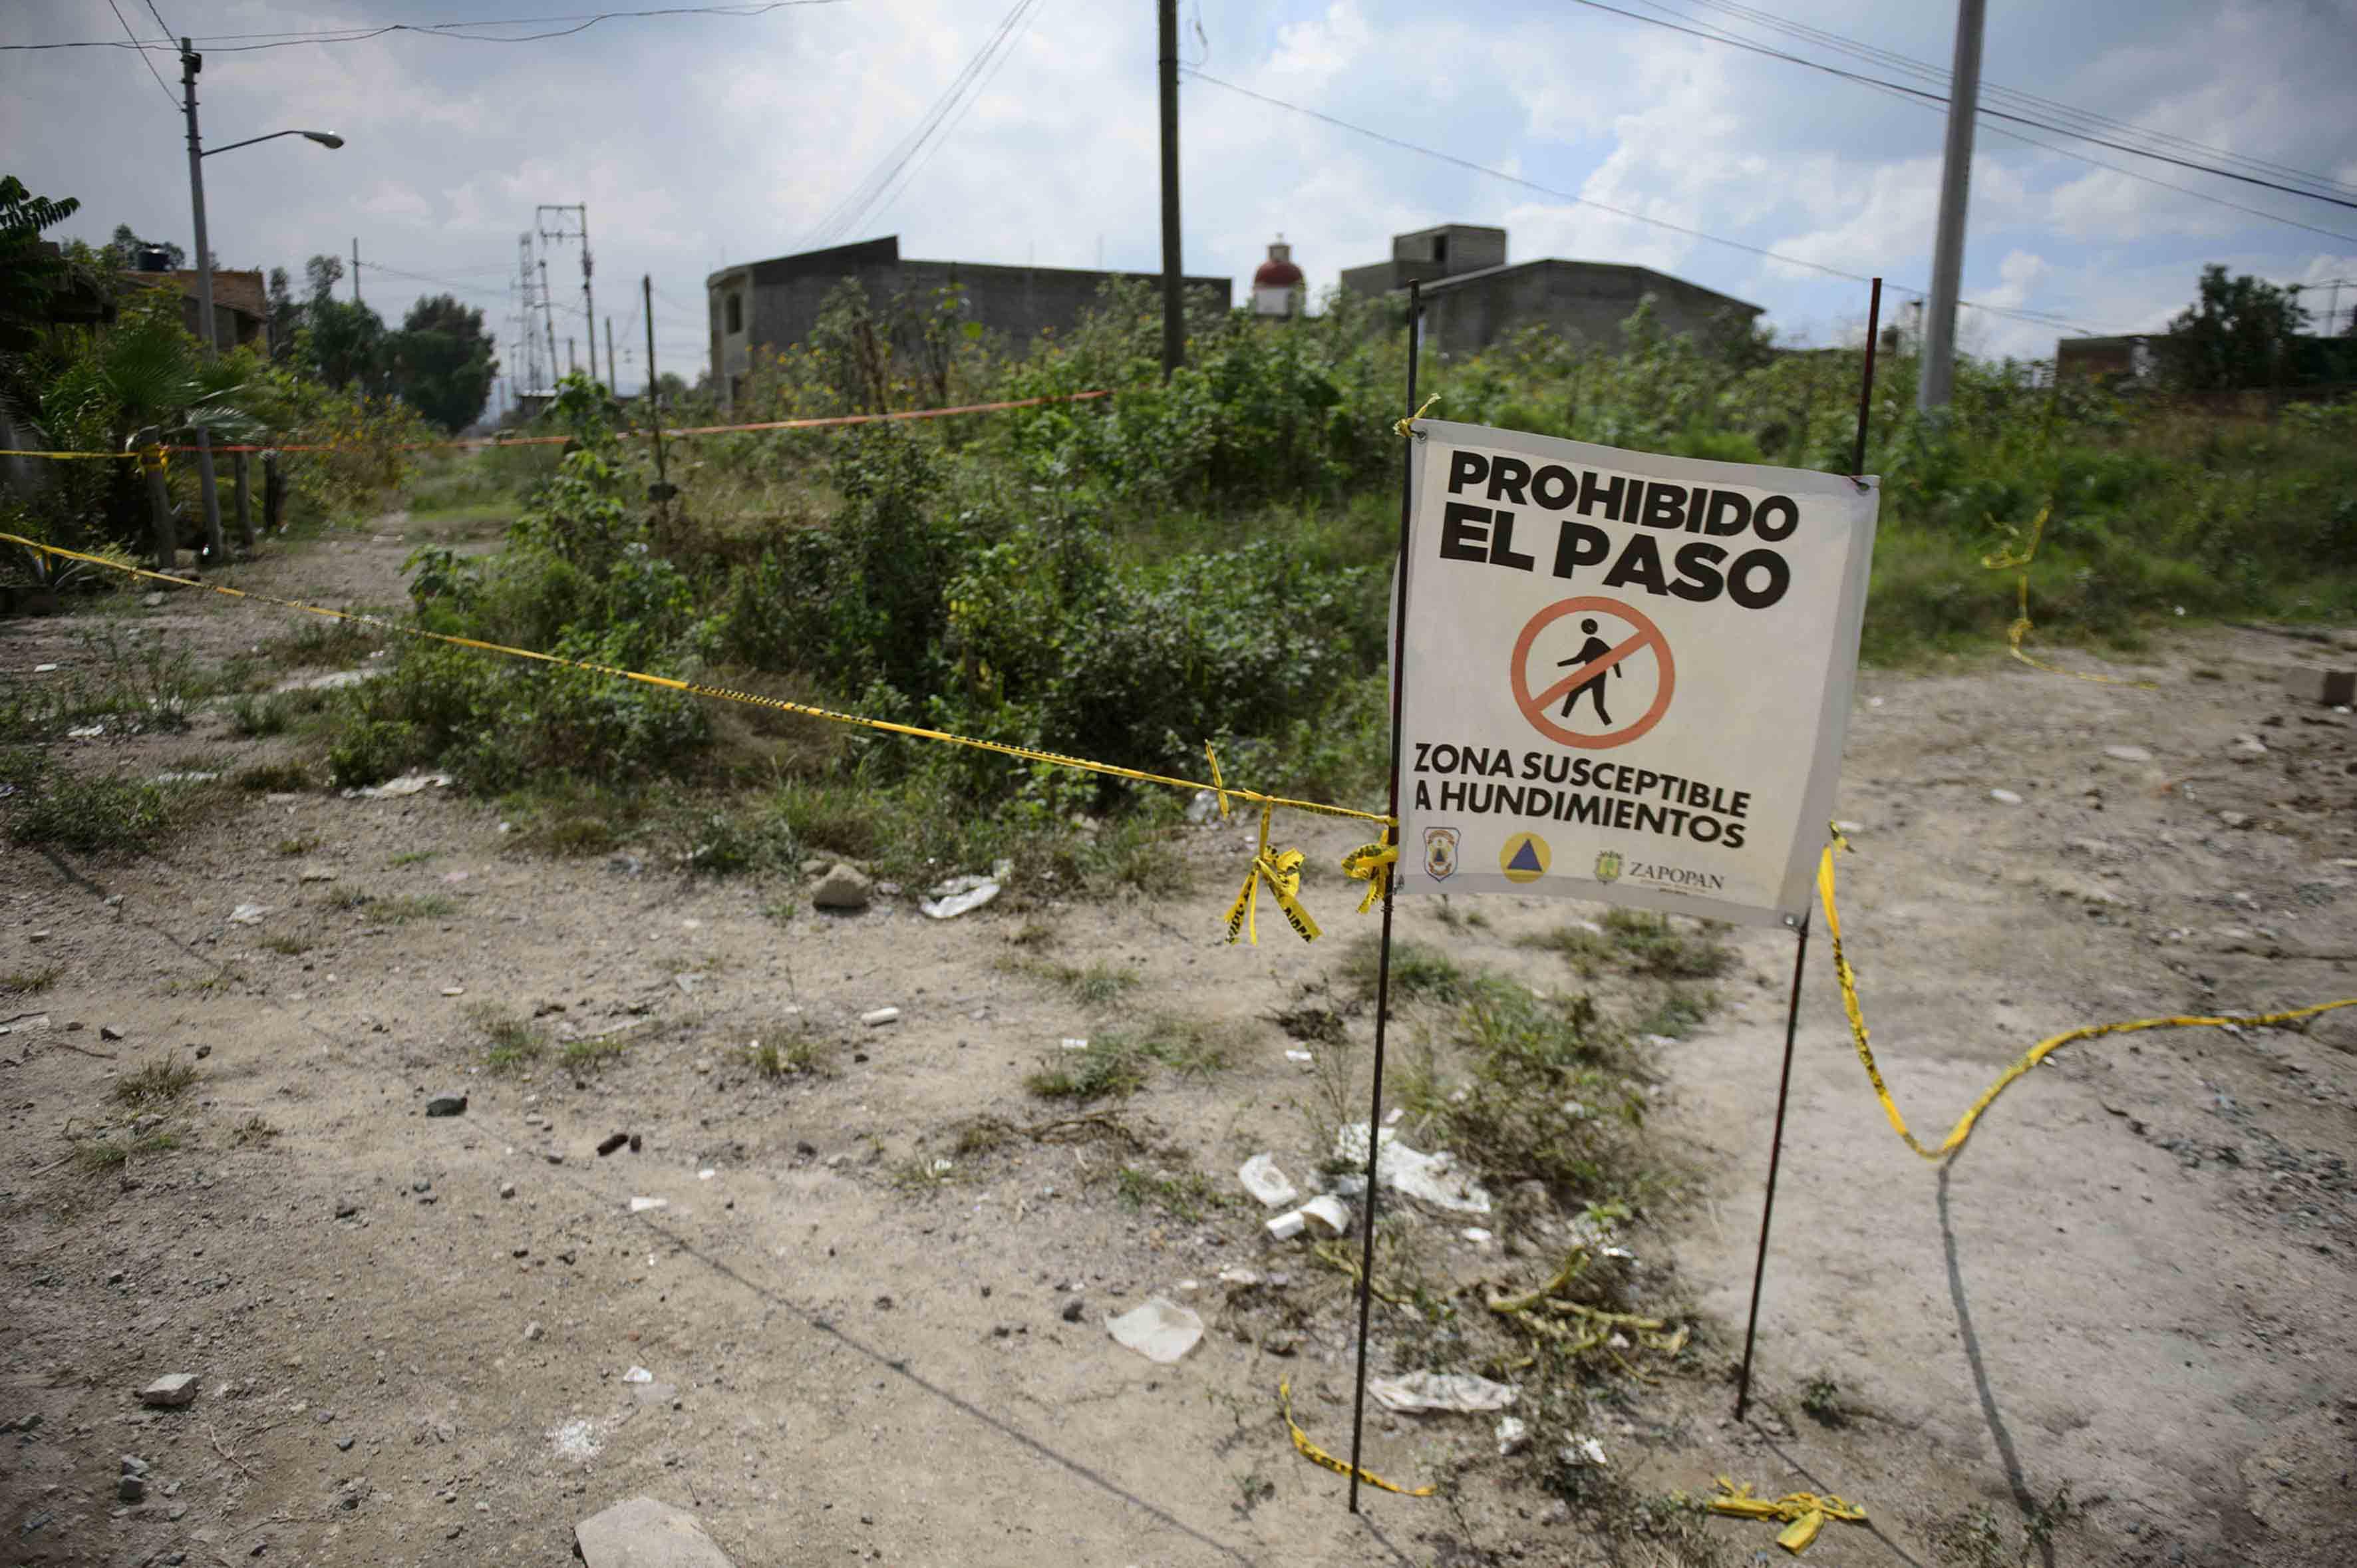 Zona que es acordonada y prohibido el paso en nextipac, por ser suceptible a hundimientos.